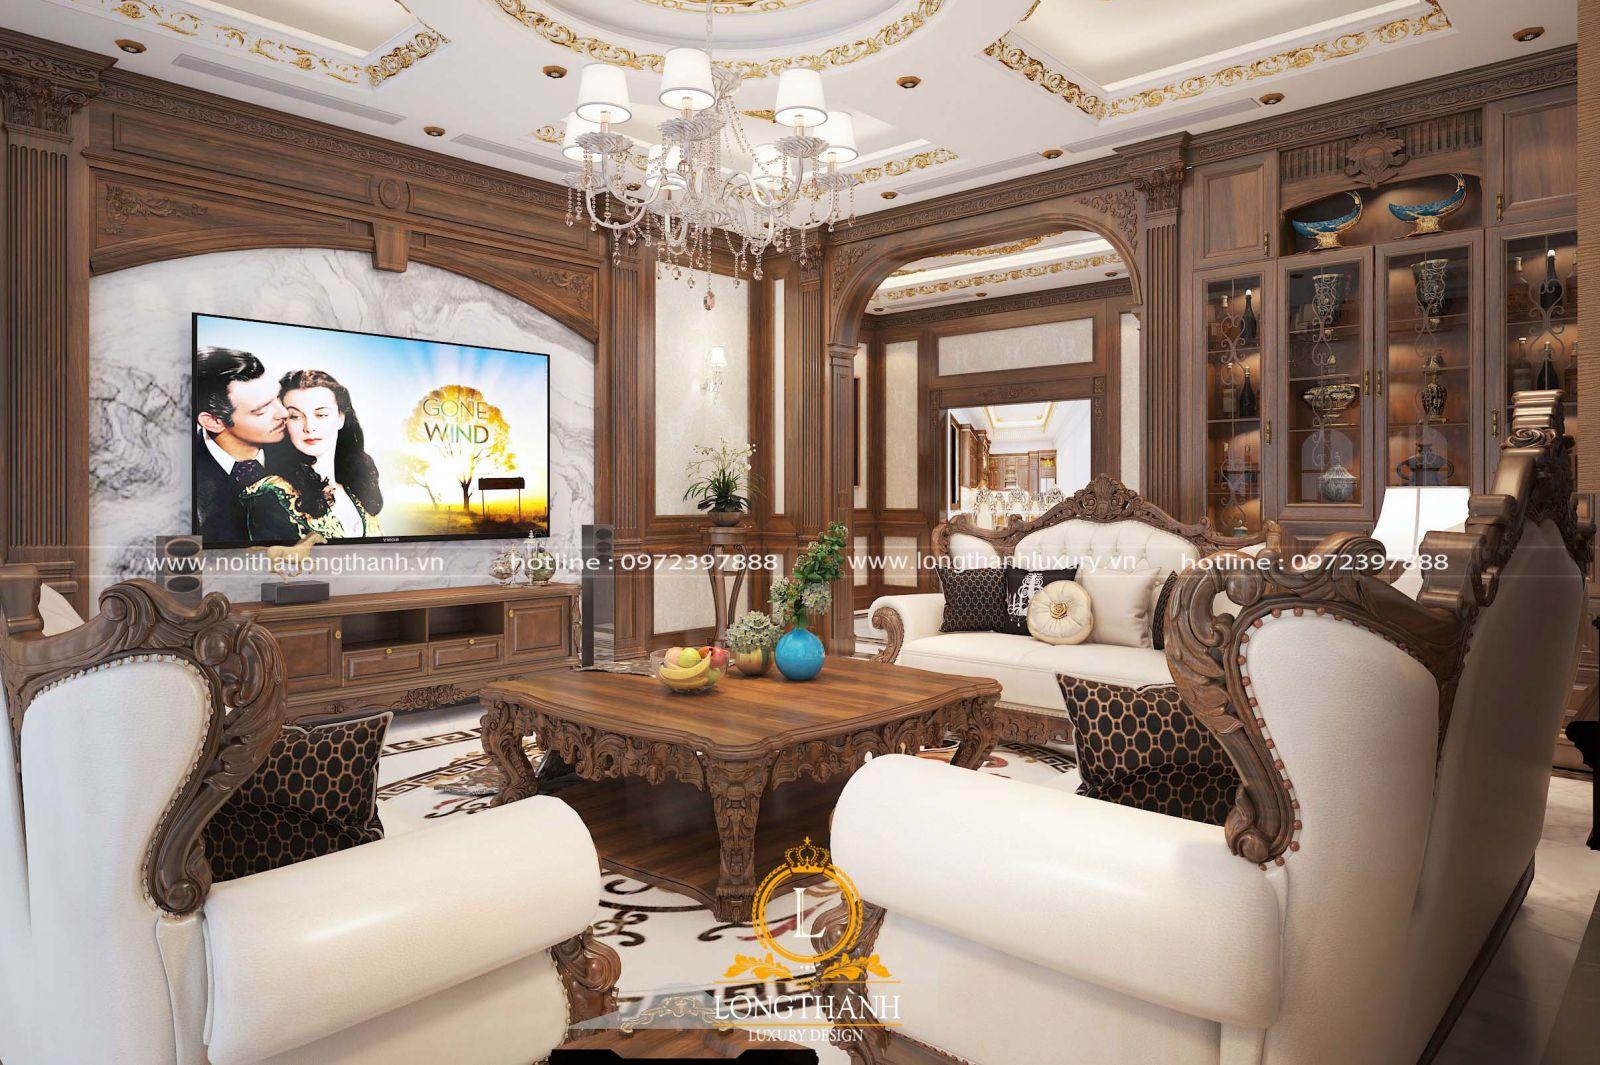 Vẻ đẹp vượt thời gian của thiết kế tân cổ điển cho phòng khách